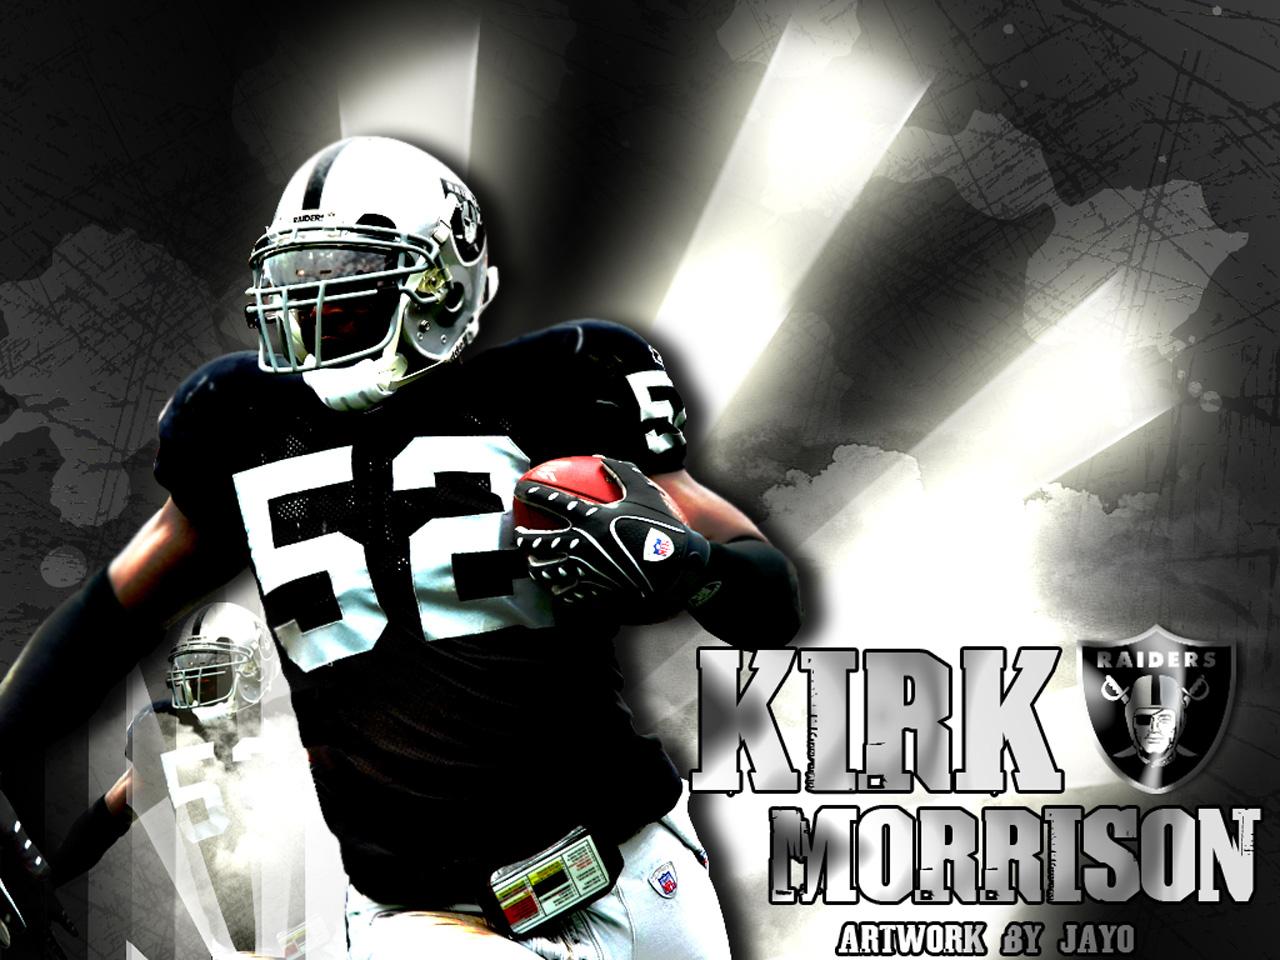 Oakland Raiders Wallpaper Background - WallpaperSafari